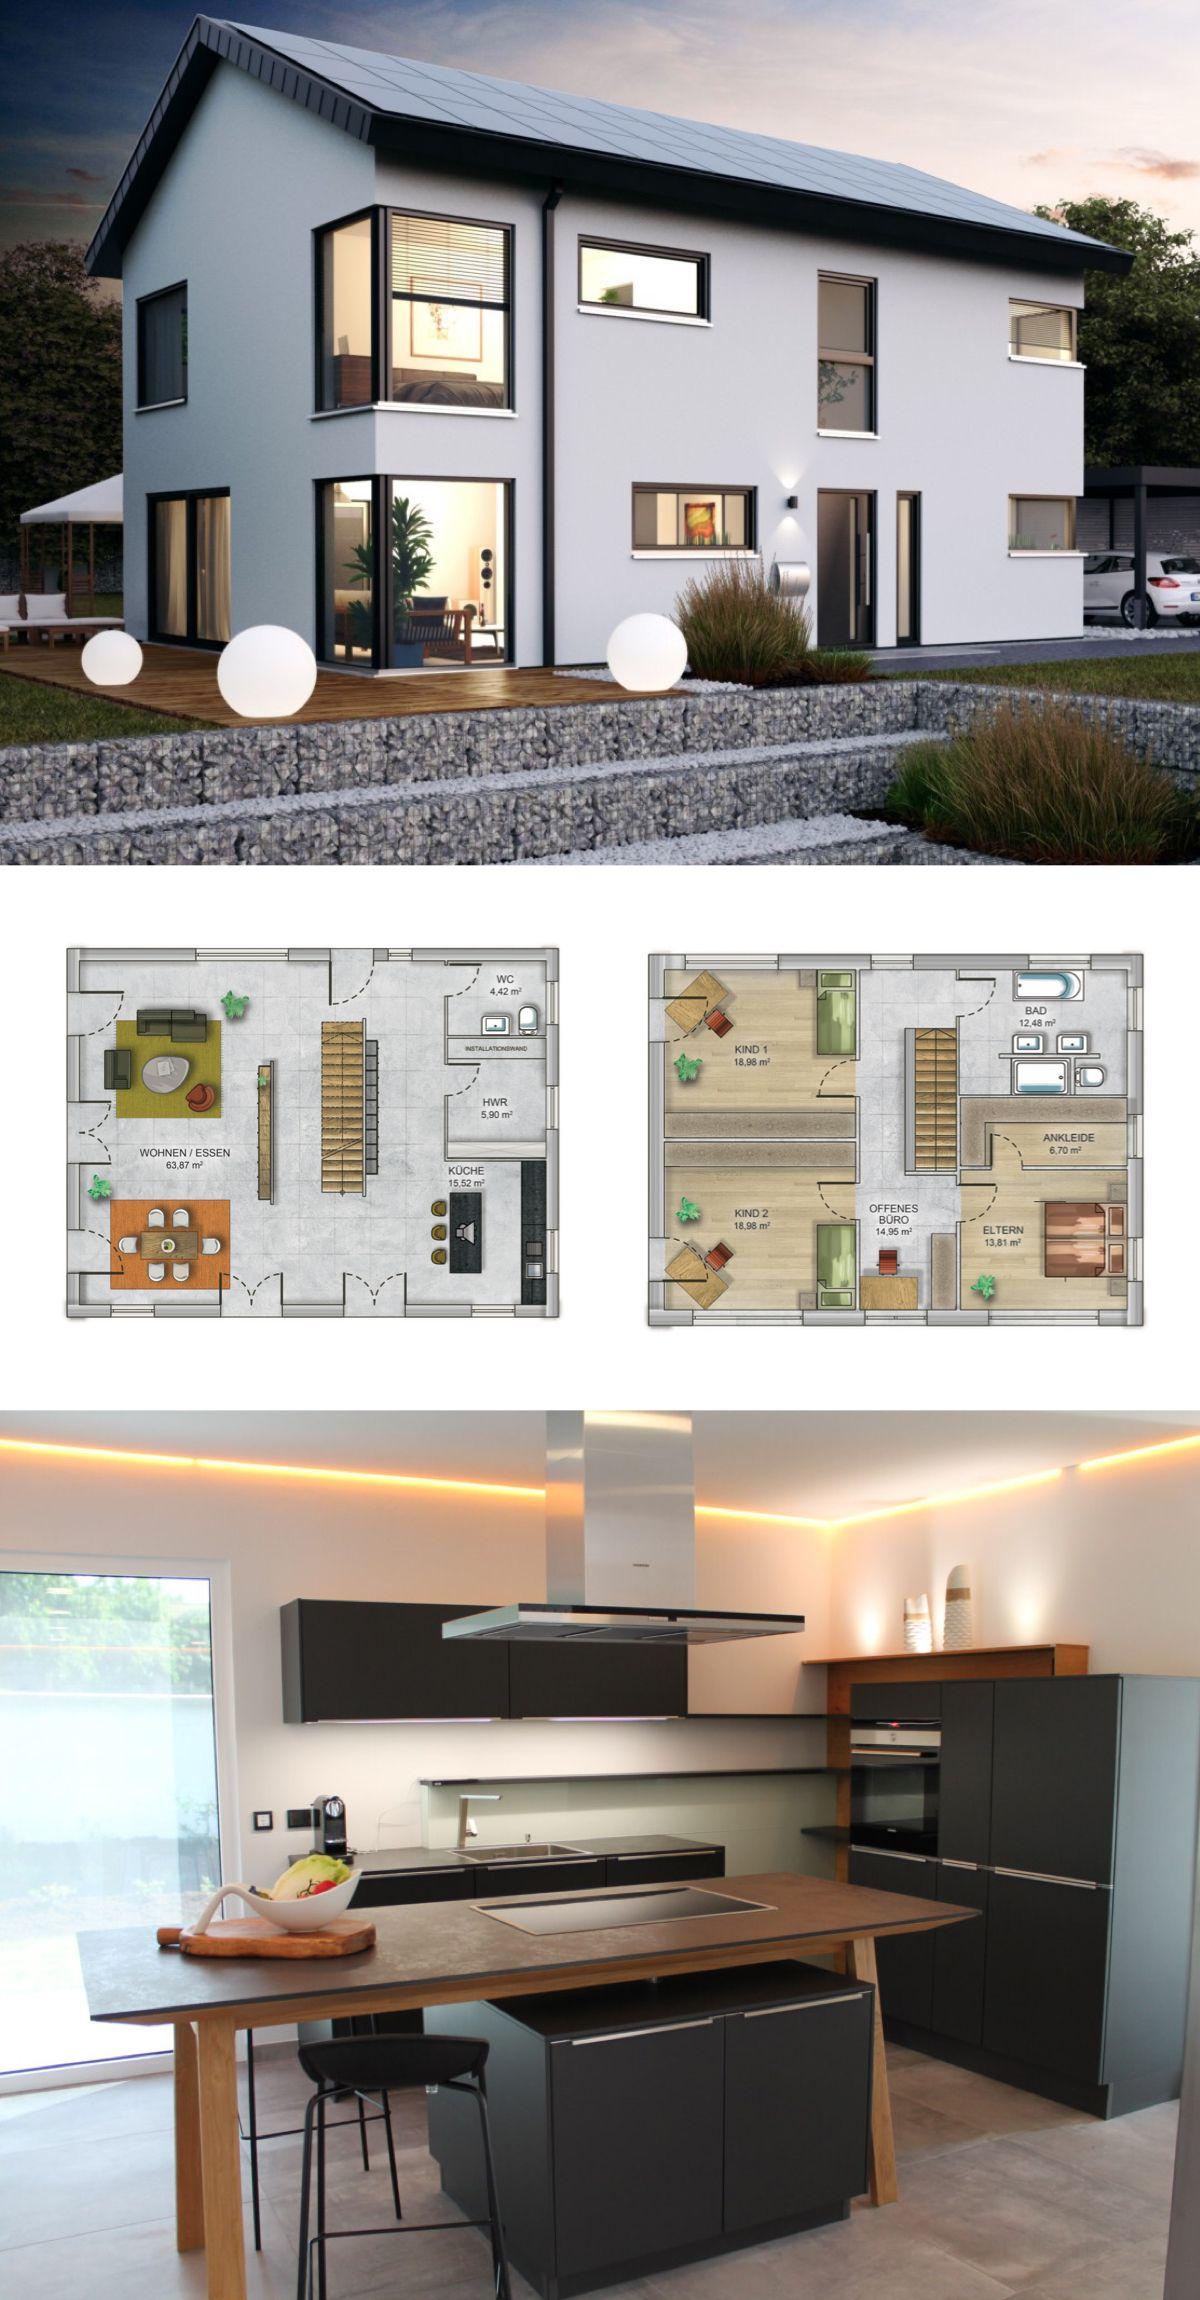 Attraktiv Modernes Design Haus Mit Satteldach Architektur   Neubau Modern Als  Massives Fertighaus Grundriss Einfamilienhaus ICON 4